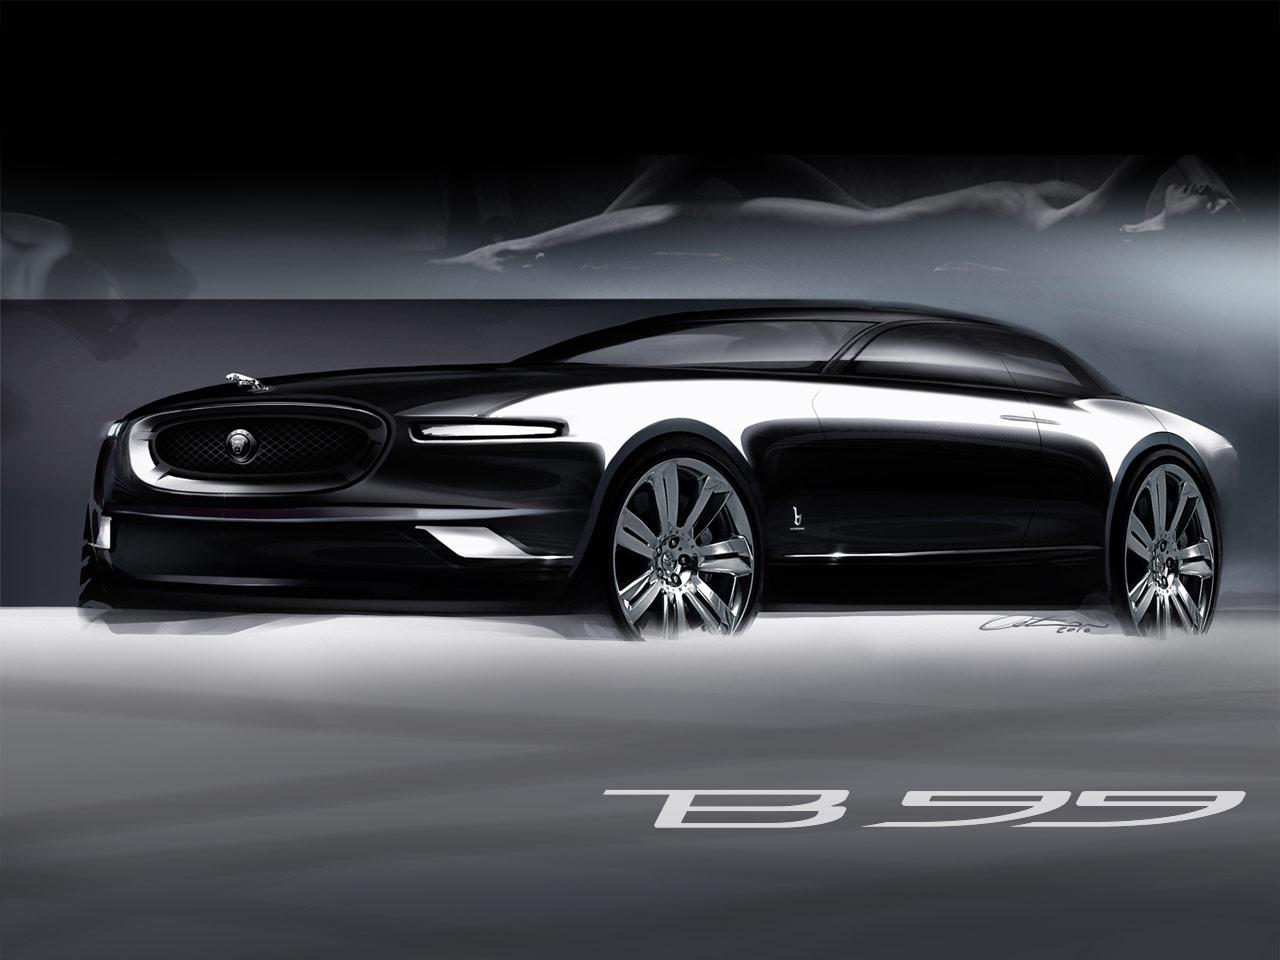 2011_Bertone_Jaguar_B99_Concept_Design-Sketch_01